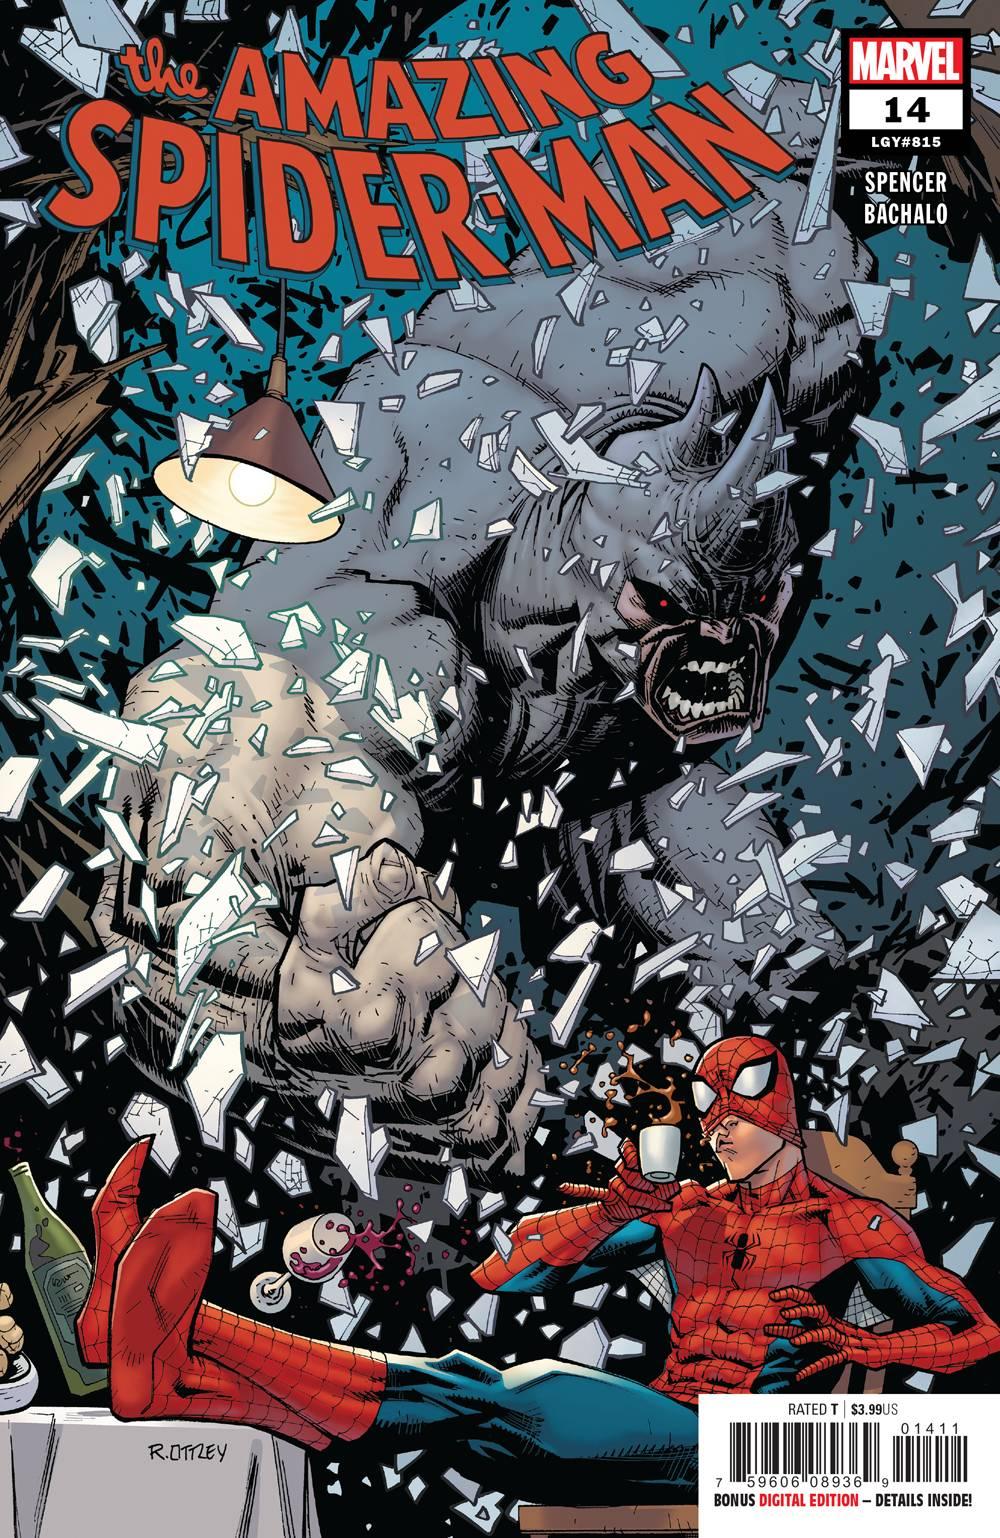 Amazing_Spider-Man_14.jpg